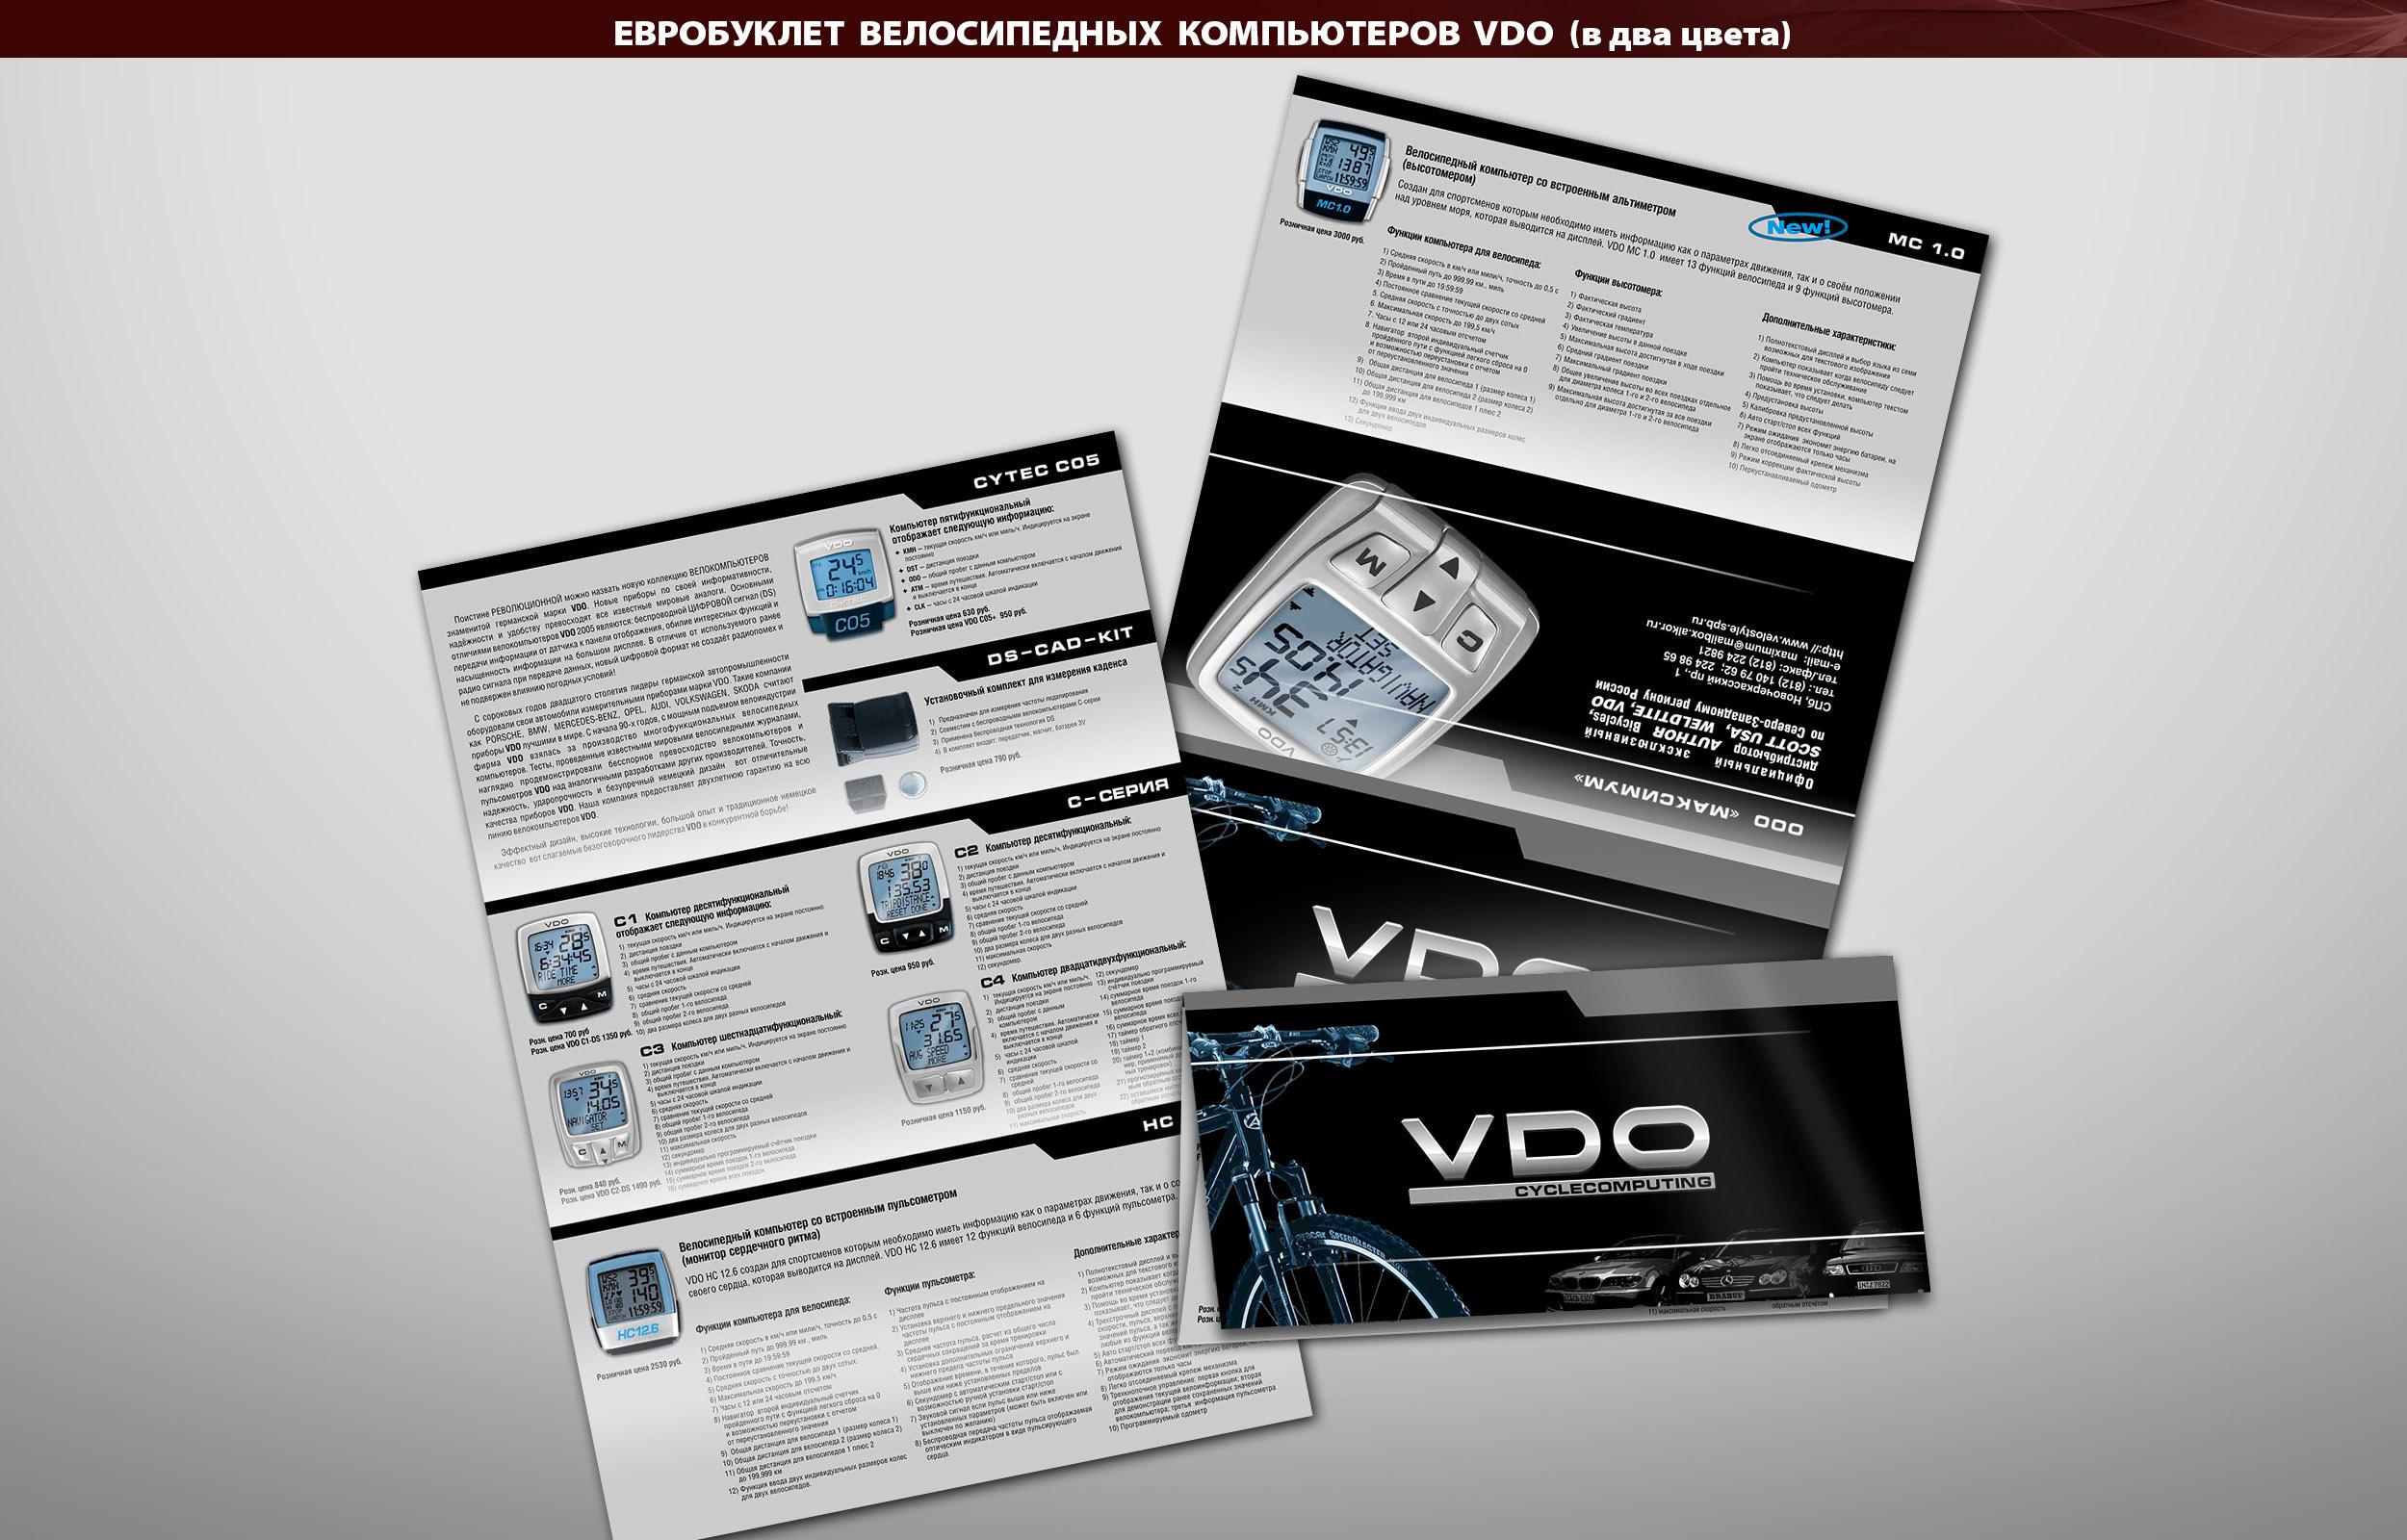 Евробуклет велосипедных компьютеров VDO (в два цвета)